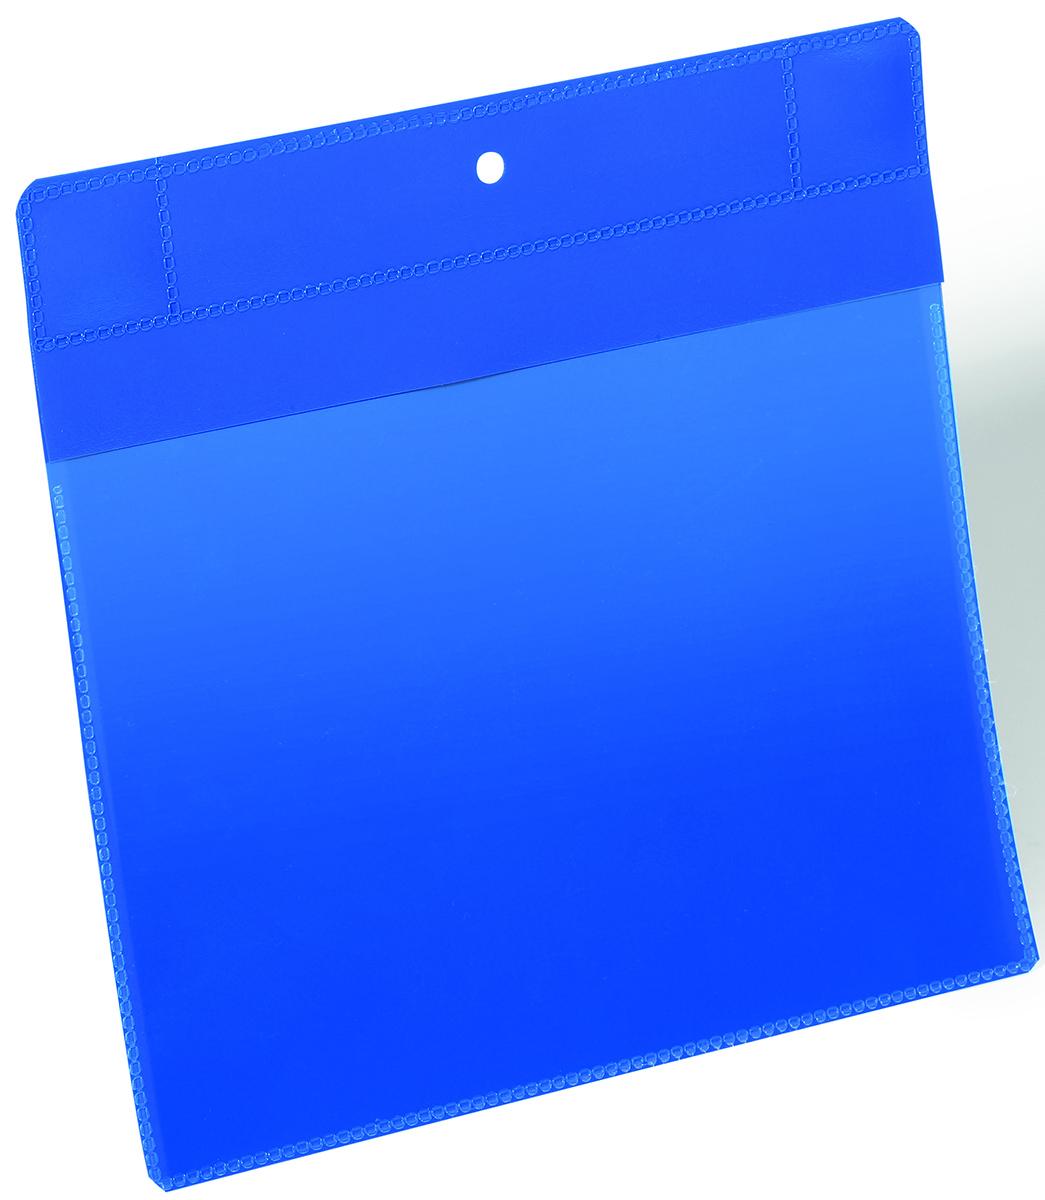 Durable Карман для маркировки цвет синий 1746-071746-07Карман для маркировки с двумя неодимовыми магнитами. Применяется для размещения маркировочной информации на металлических поверхностях, таких как складские стеллажи, металлические контейнеры. Синяя подложка-основа и прозрачное окошко выполнены из износостойкого полипропилена. Не бликует, что удобно для сканирования, не вынимая маркировочный вкладыш. Быстрая и удобная замена вкладыша. Возможно размещение на улице: благодаря специальному клапану обеспечивается защита вкладыша от пыли и дождя.Внутренние размеры: А5Внешние размеры: 223х218 мм (Ш х В)Упаковка: 10 штукДля оформления вкладыша воспользуйтесь бесплатной программой DURAPRINT